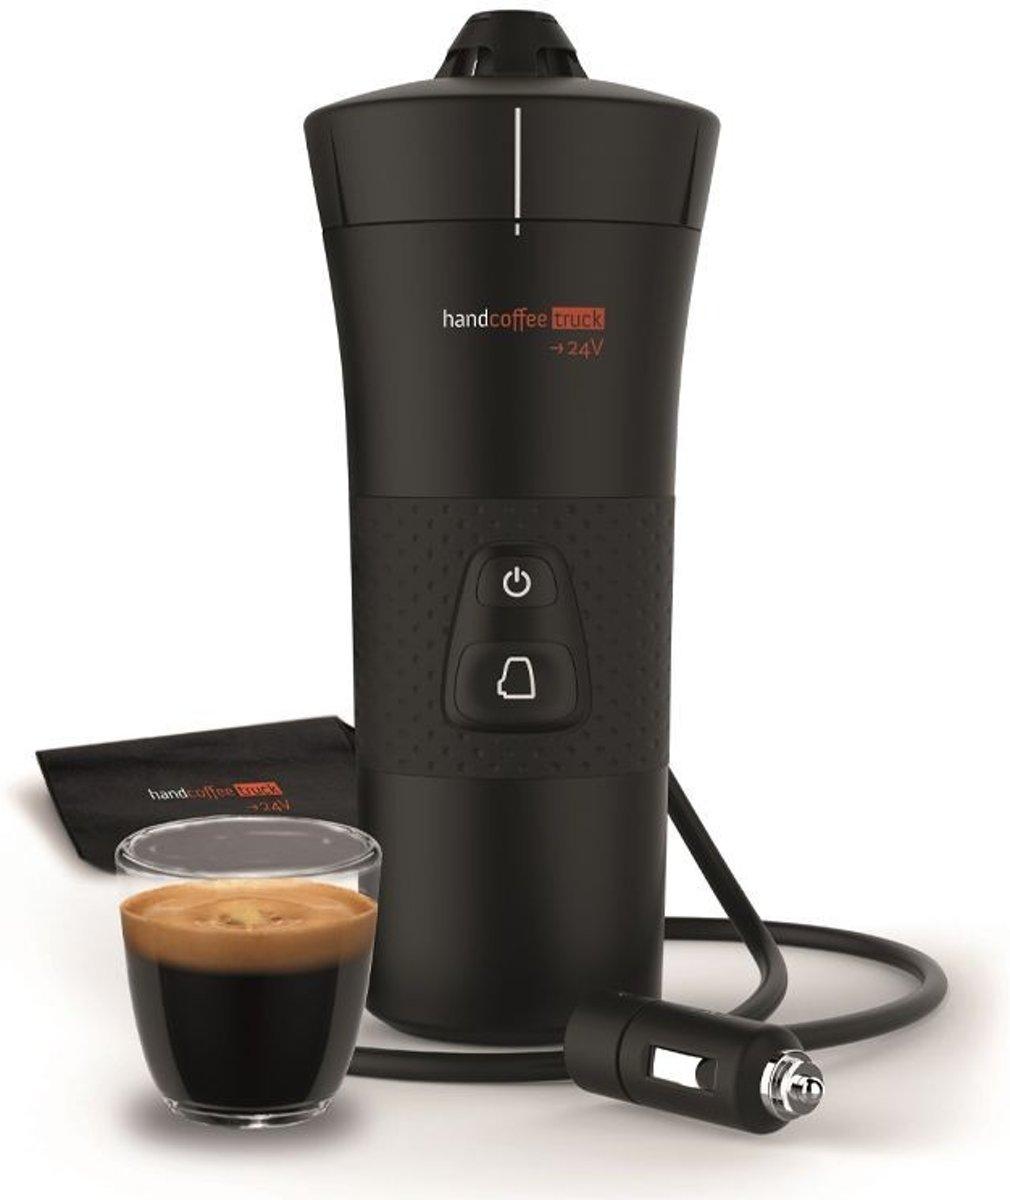 Handcoffee Truck 24 Volt kopen